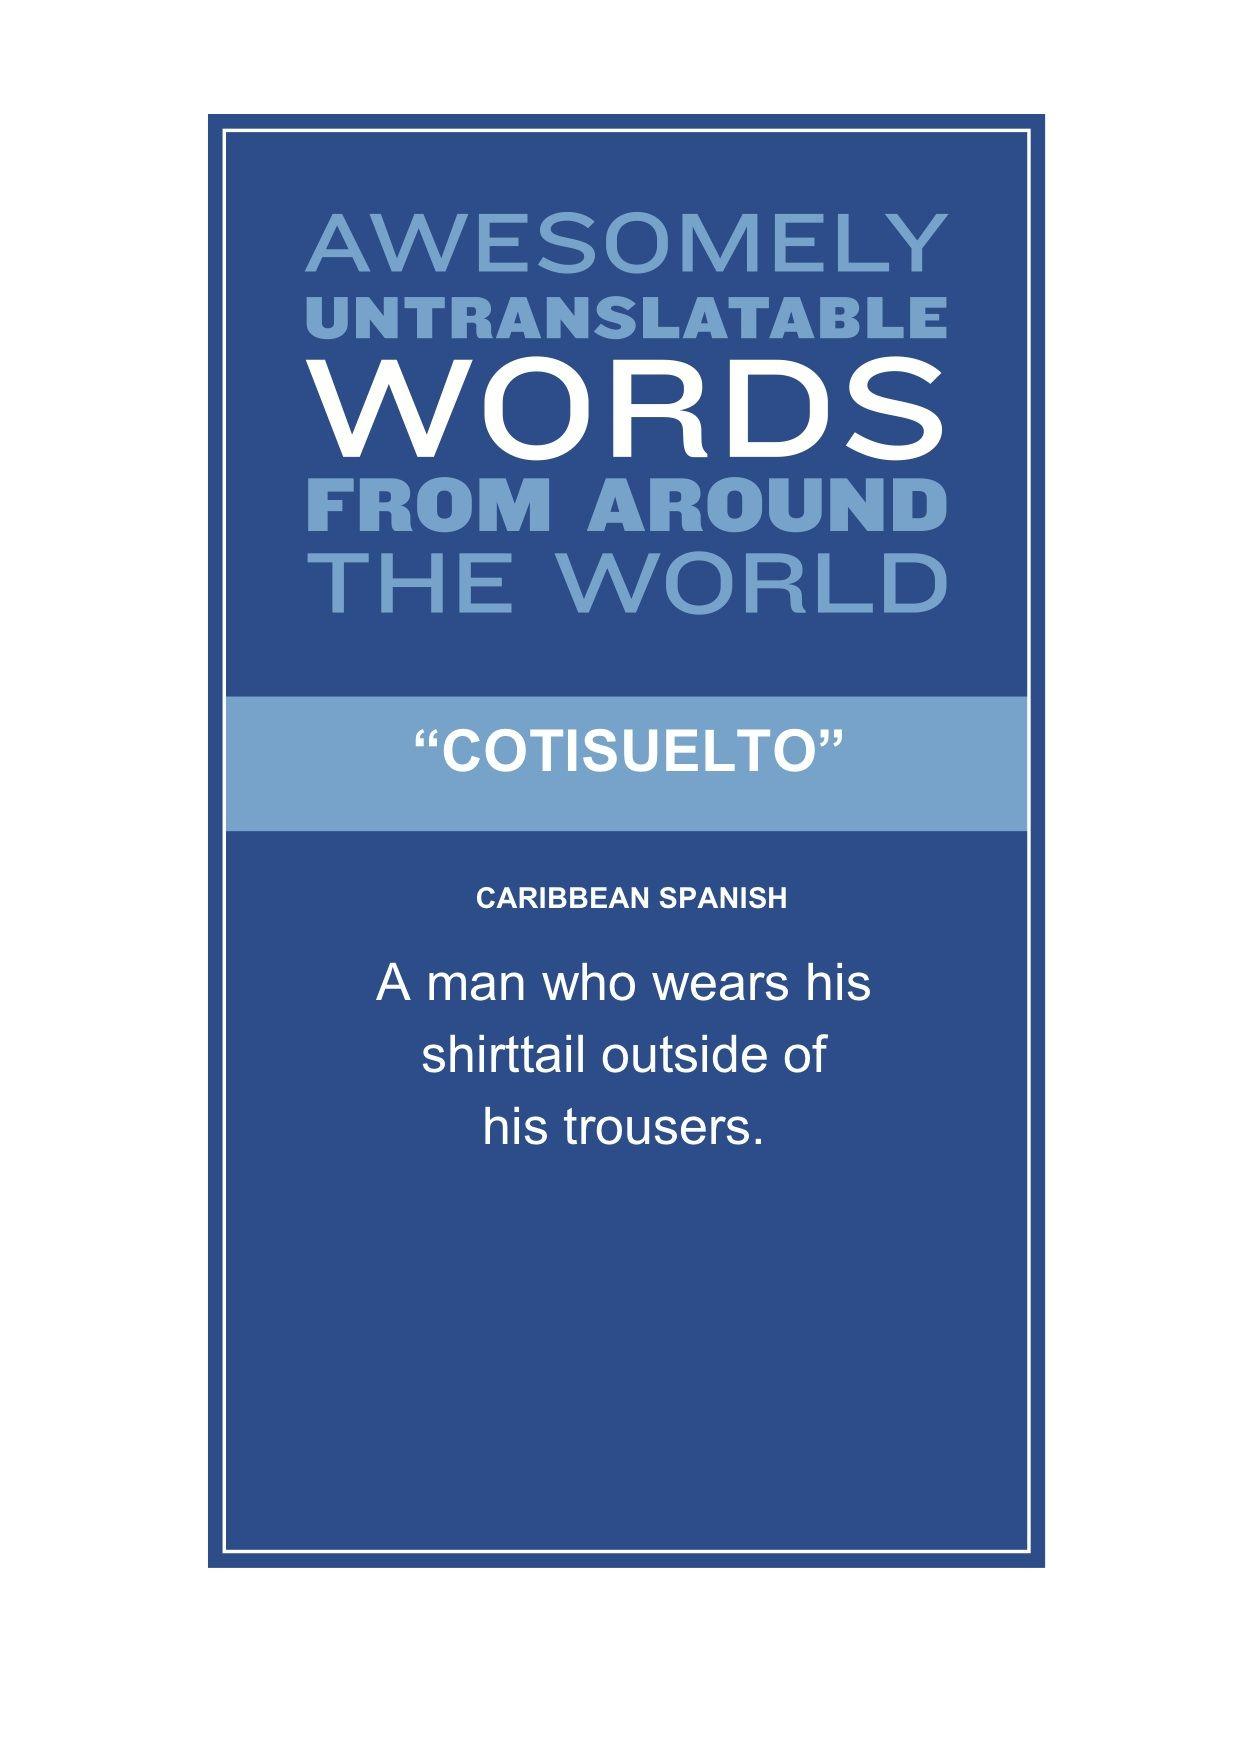 Caribbean Spanish